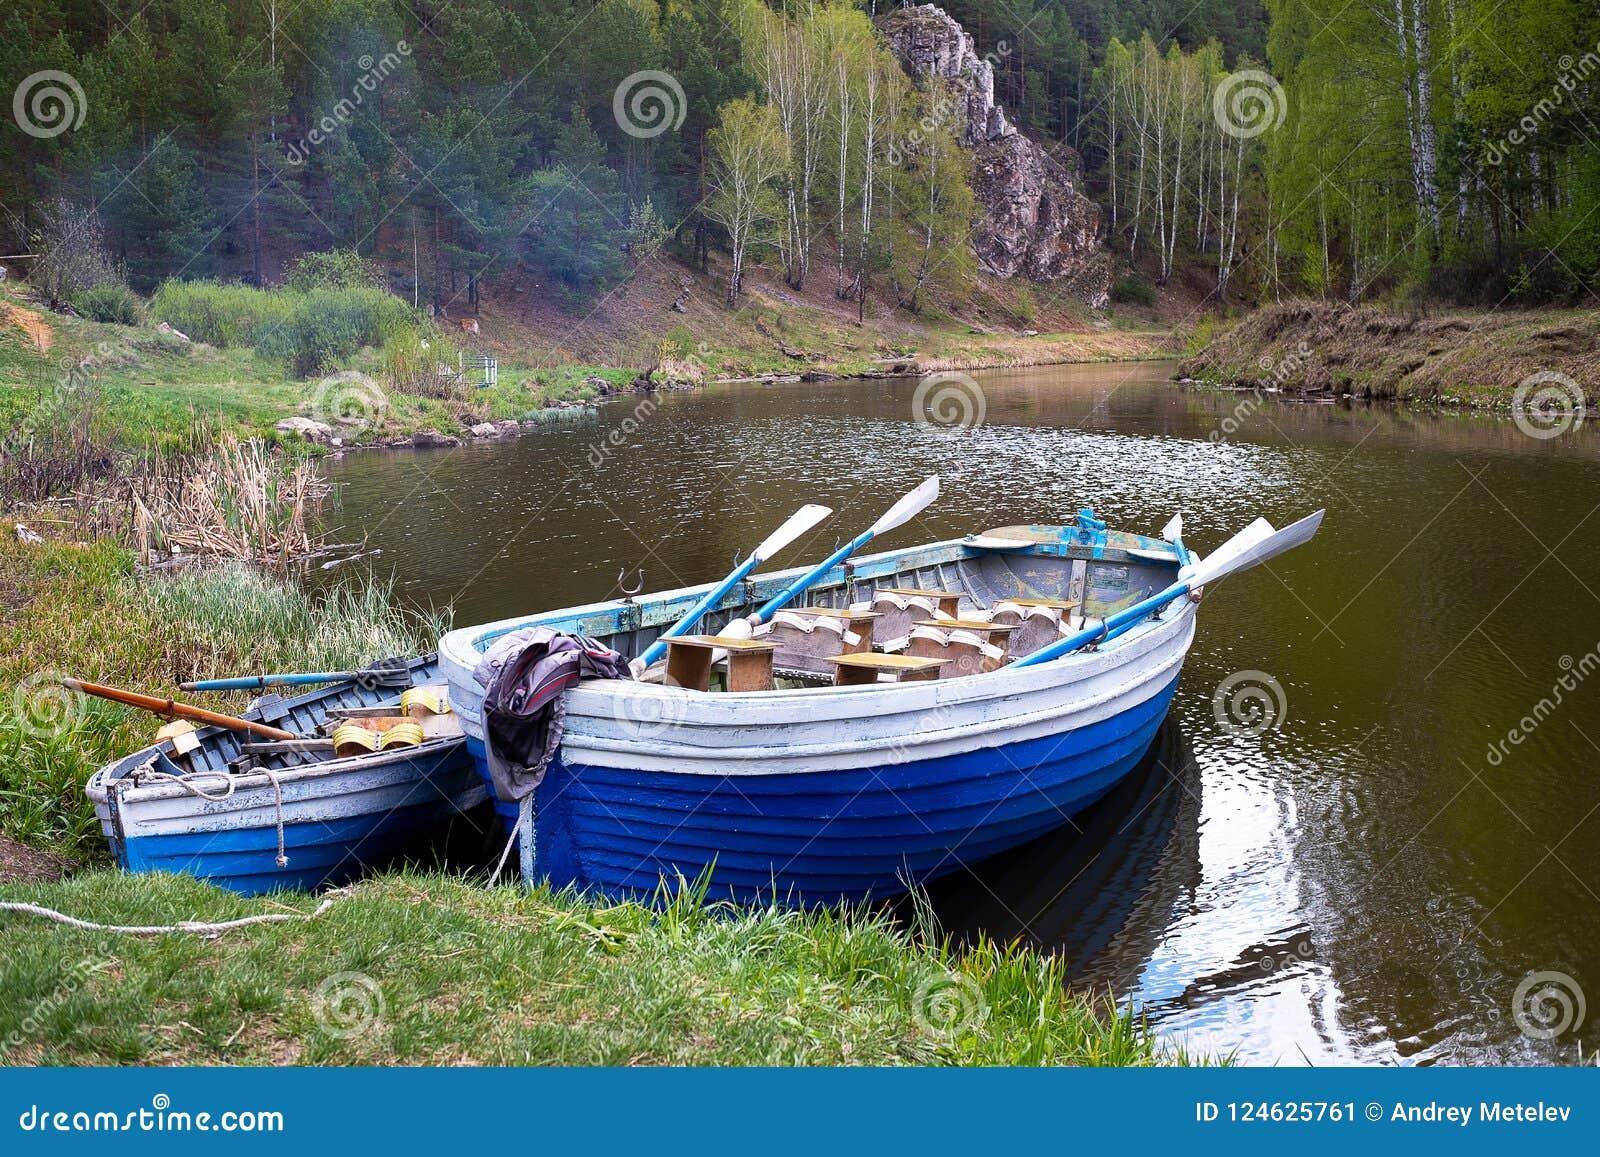 Zwei hölzerne Boote mit Rudern auf der Bank des Waldflusses, Wald